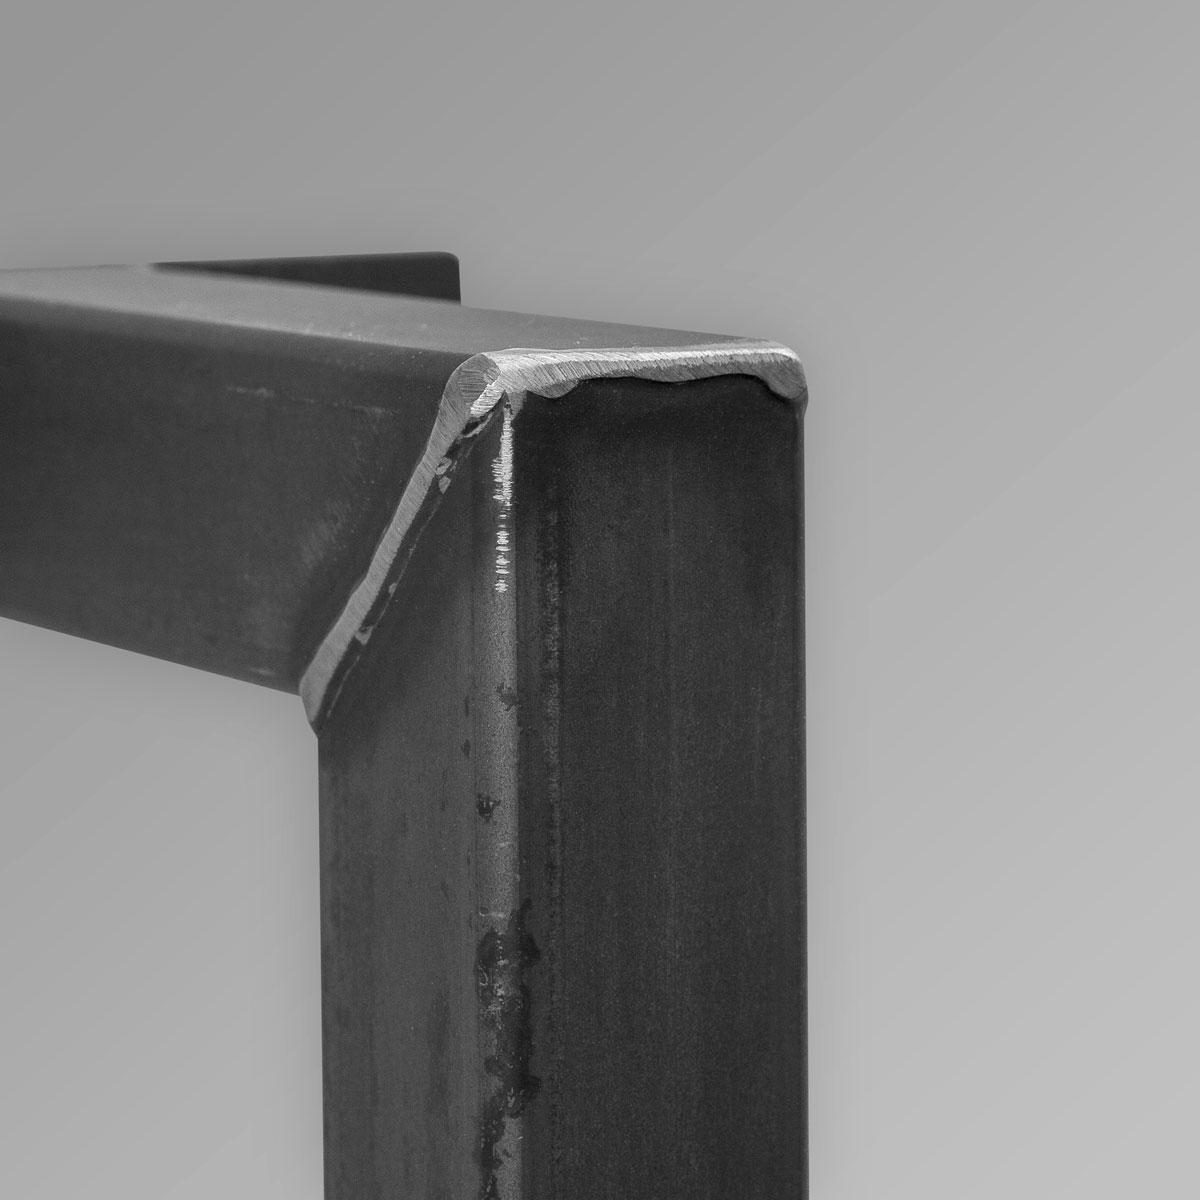 Sfeerimpressie Stalen deurgreep Robust 3.jpg